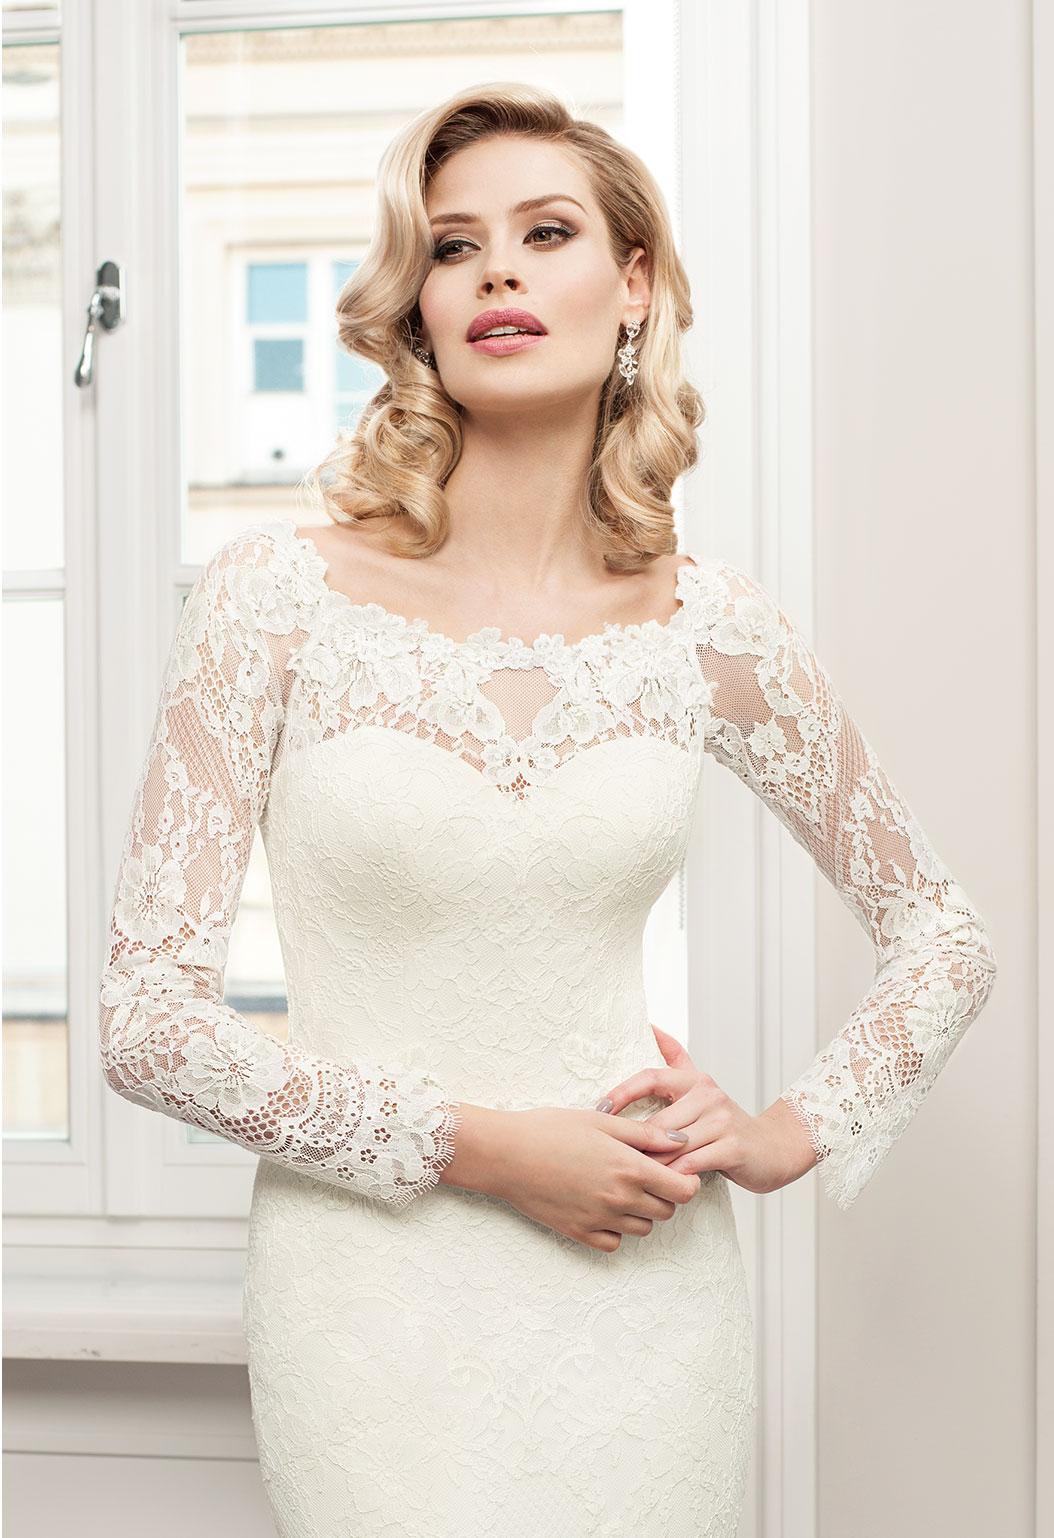 57c16a4ab0 Znany Kolekcja sukni ślubnych Agnes - koronkowe suknie ślubne  ID-76